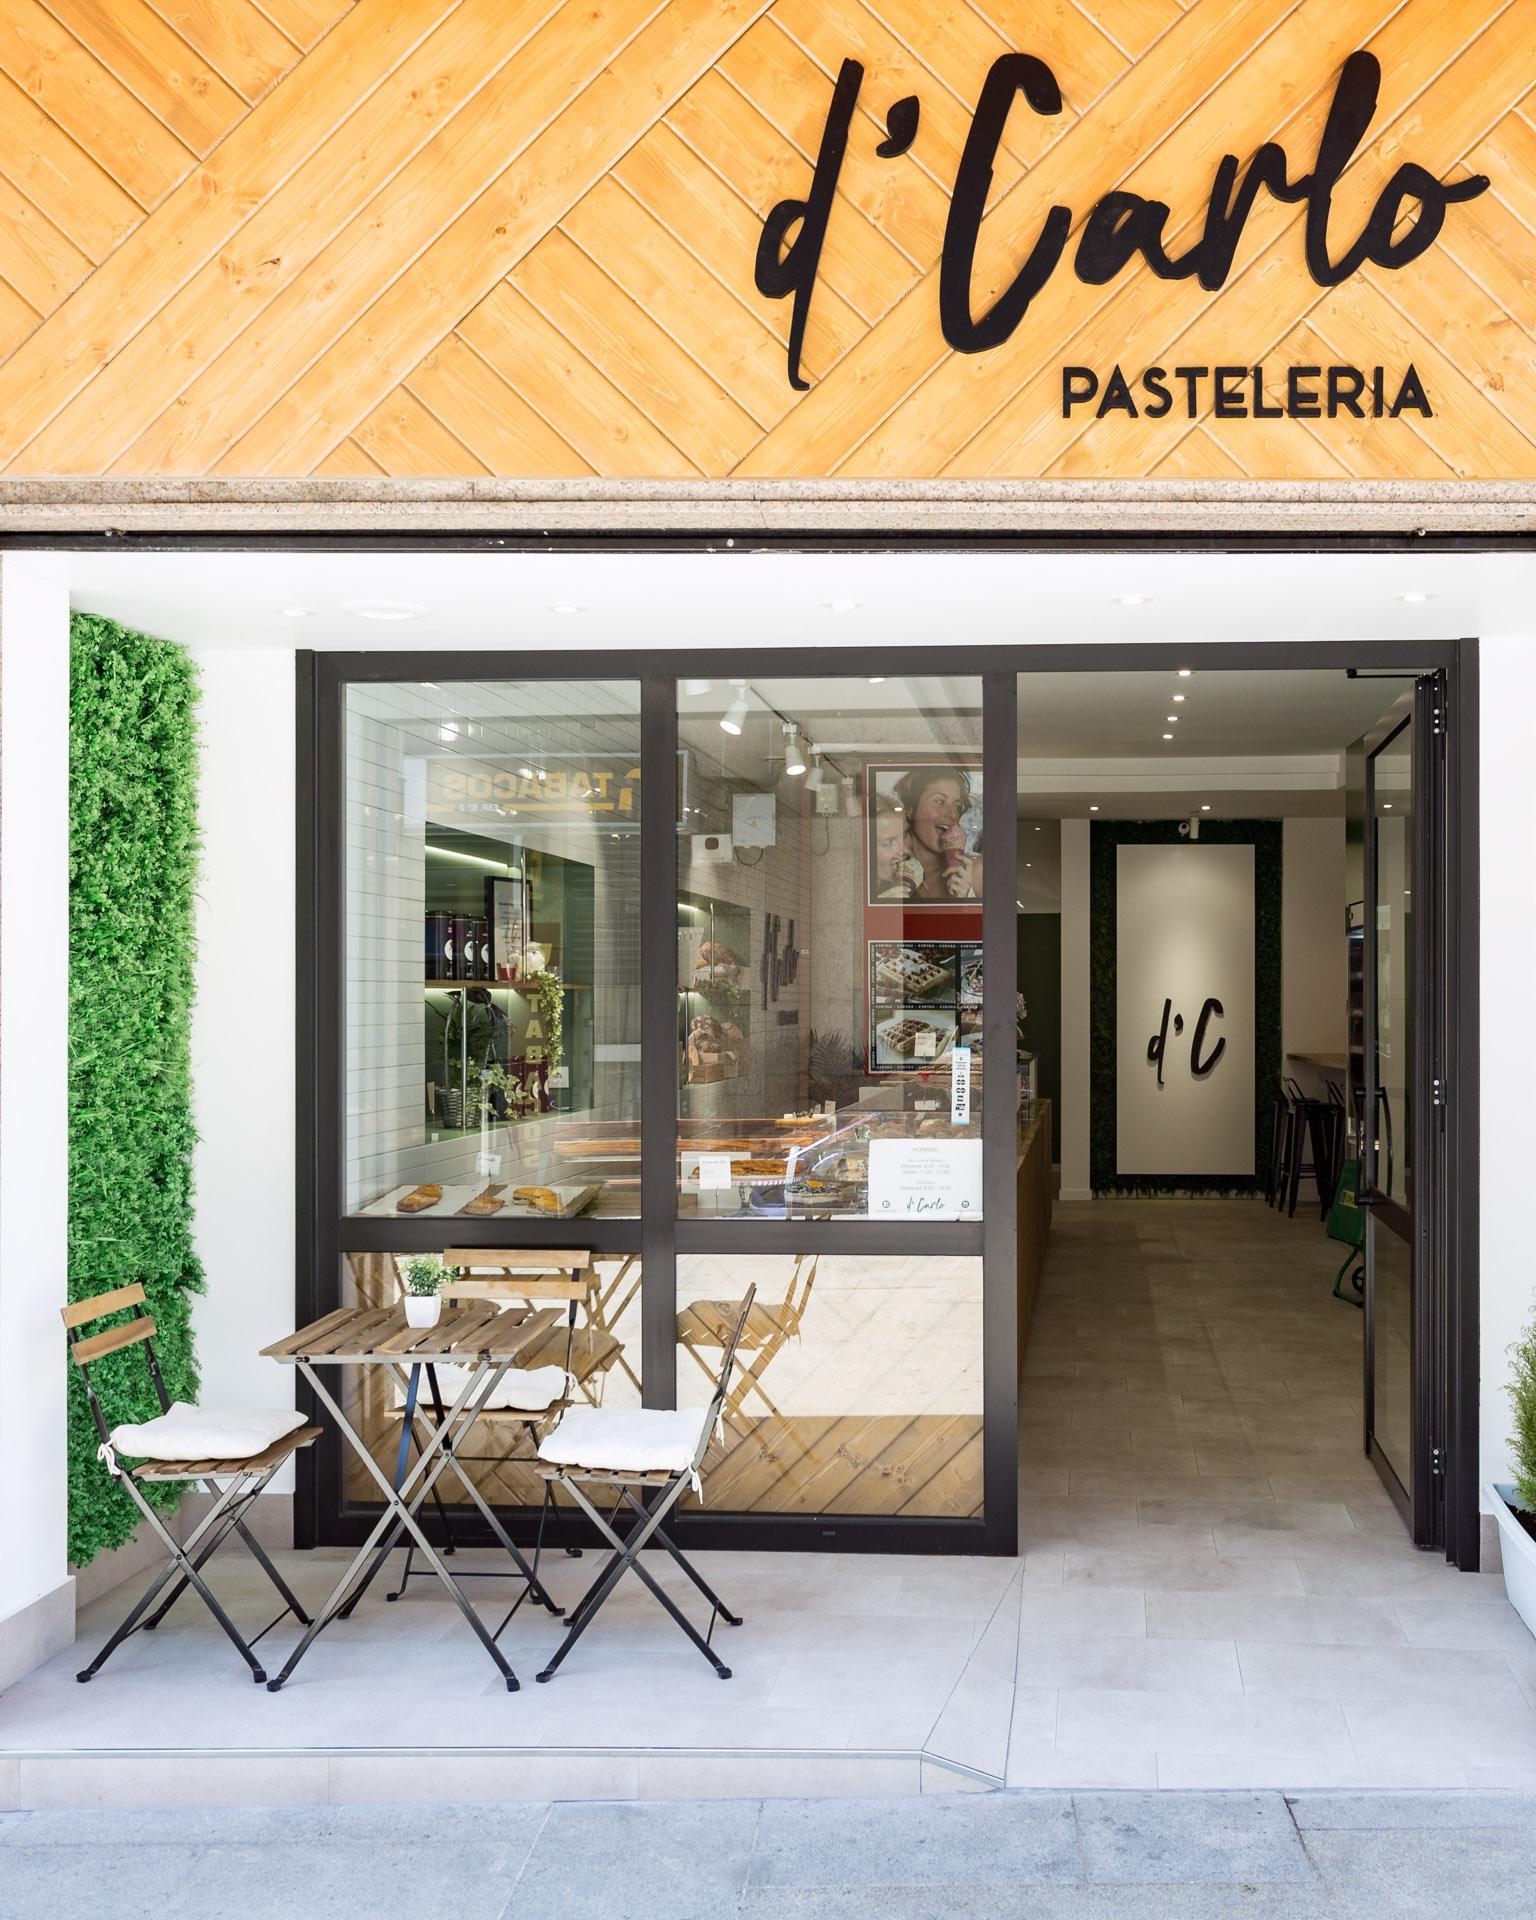 Pastelería d´Carlo | Encaixe Arquitectura - Pastelería d´Carlo | Encaixe Arquitectura| Jose Chas